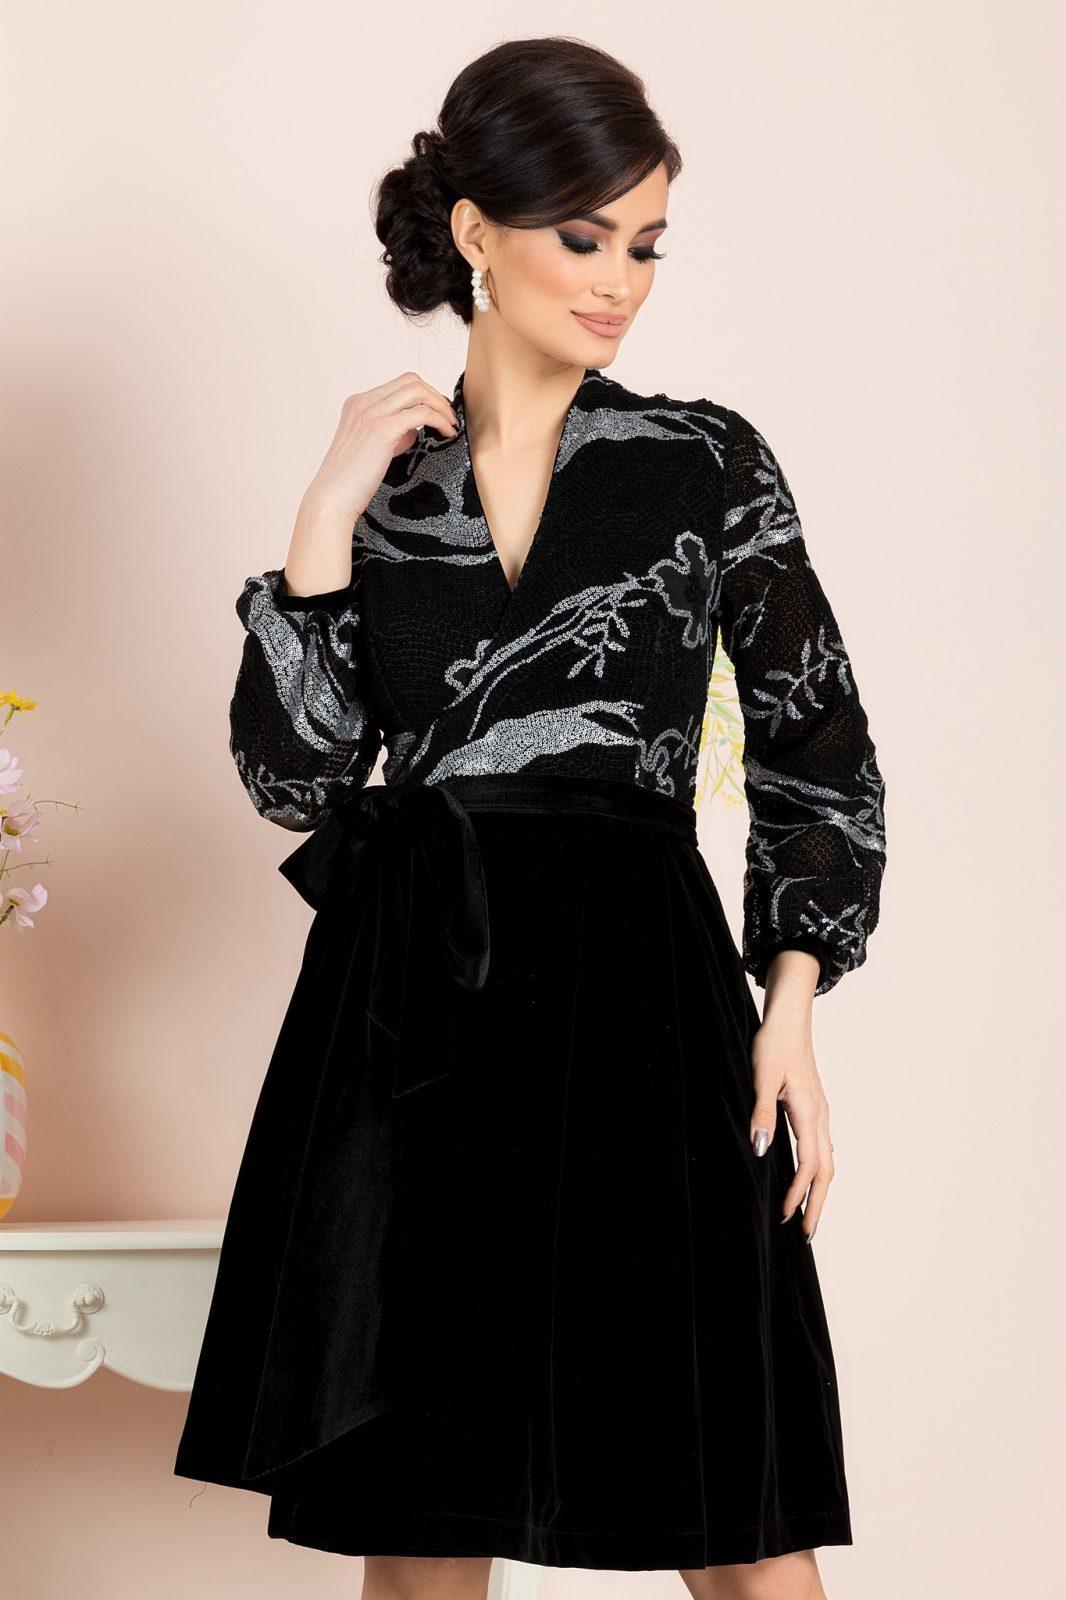 Dyana Black Dress